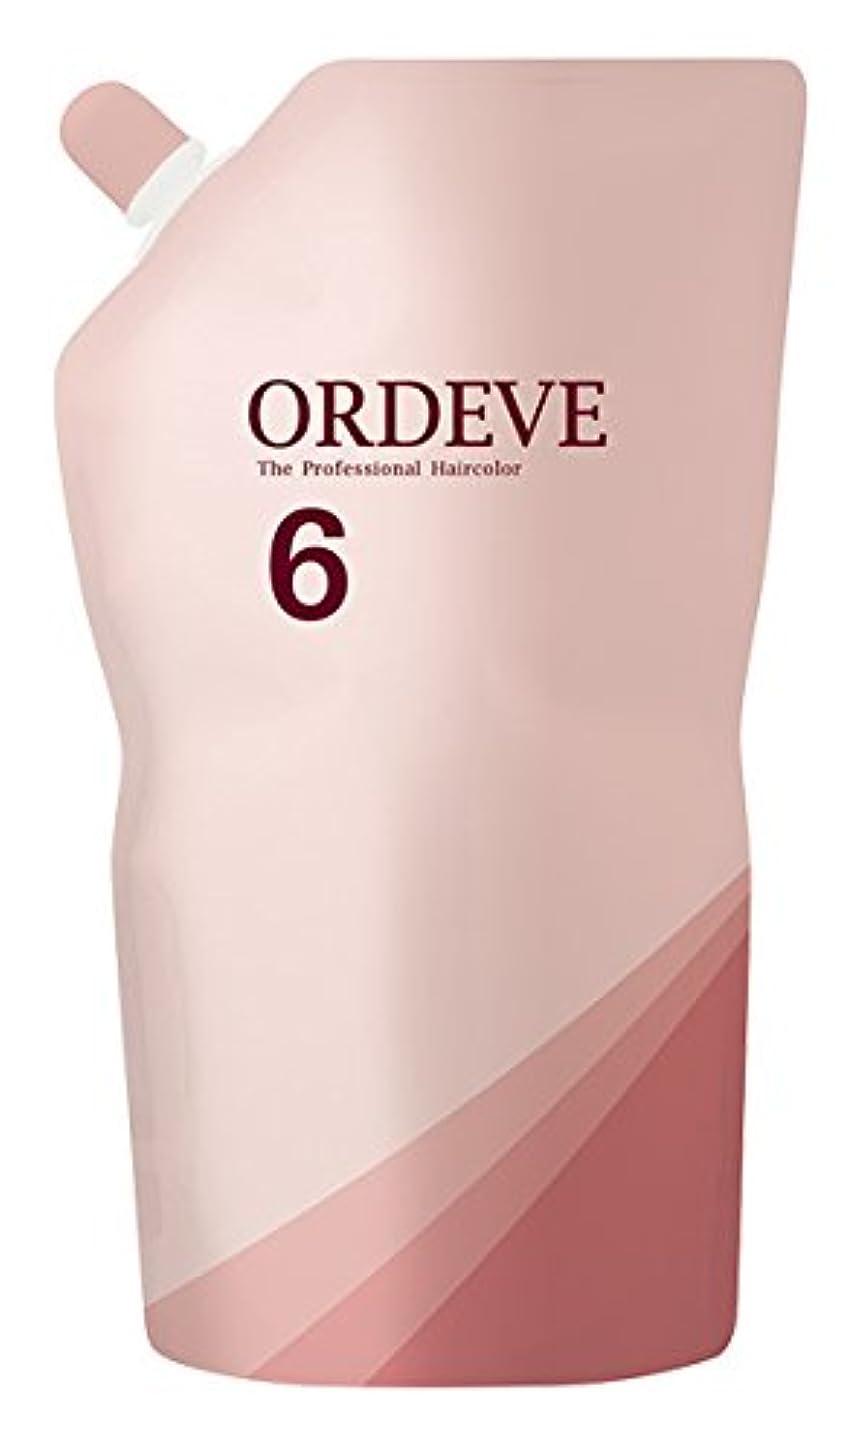 のヒープ蒸気ロッカーORDEVE(オルディーブ) ヘアカラー 第2剤 OX(オキシダン) 3% 1000ml